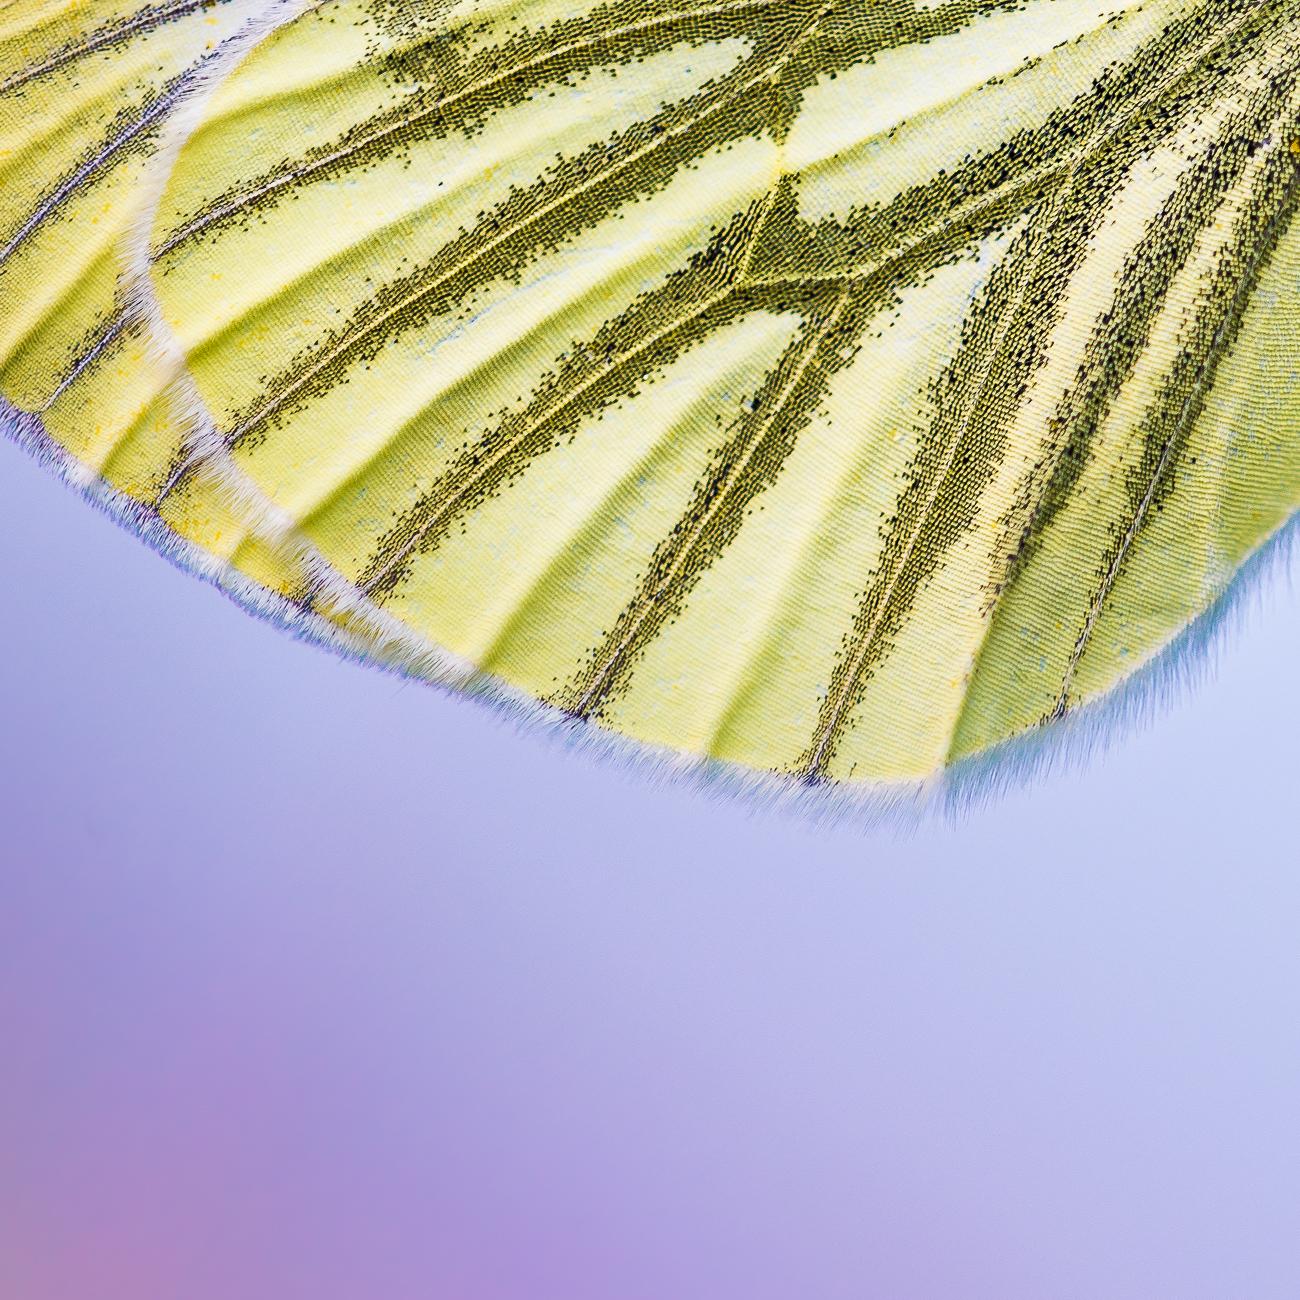 Détails sur l'aile d'une piéride du navet